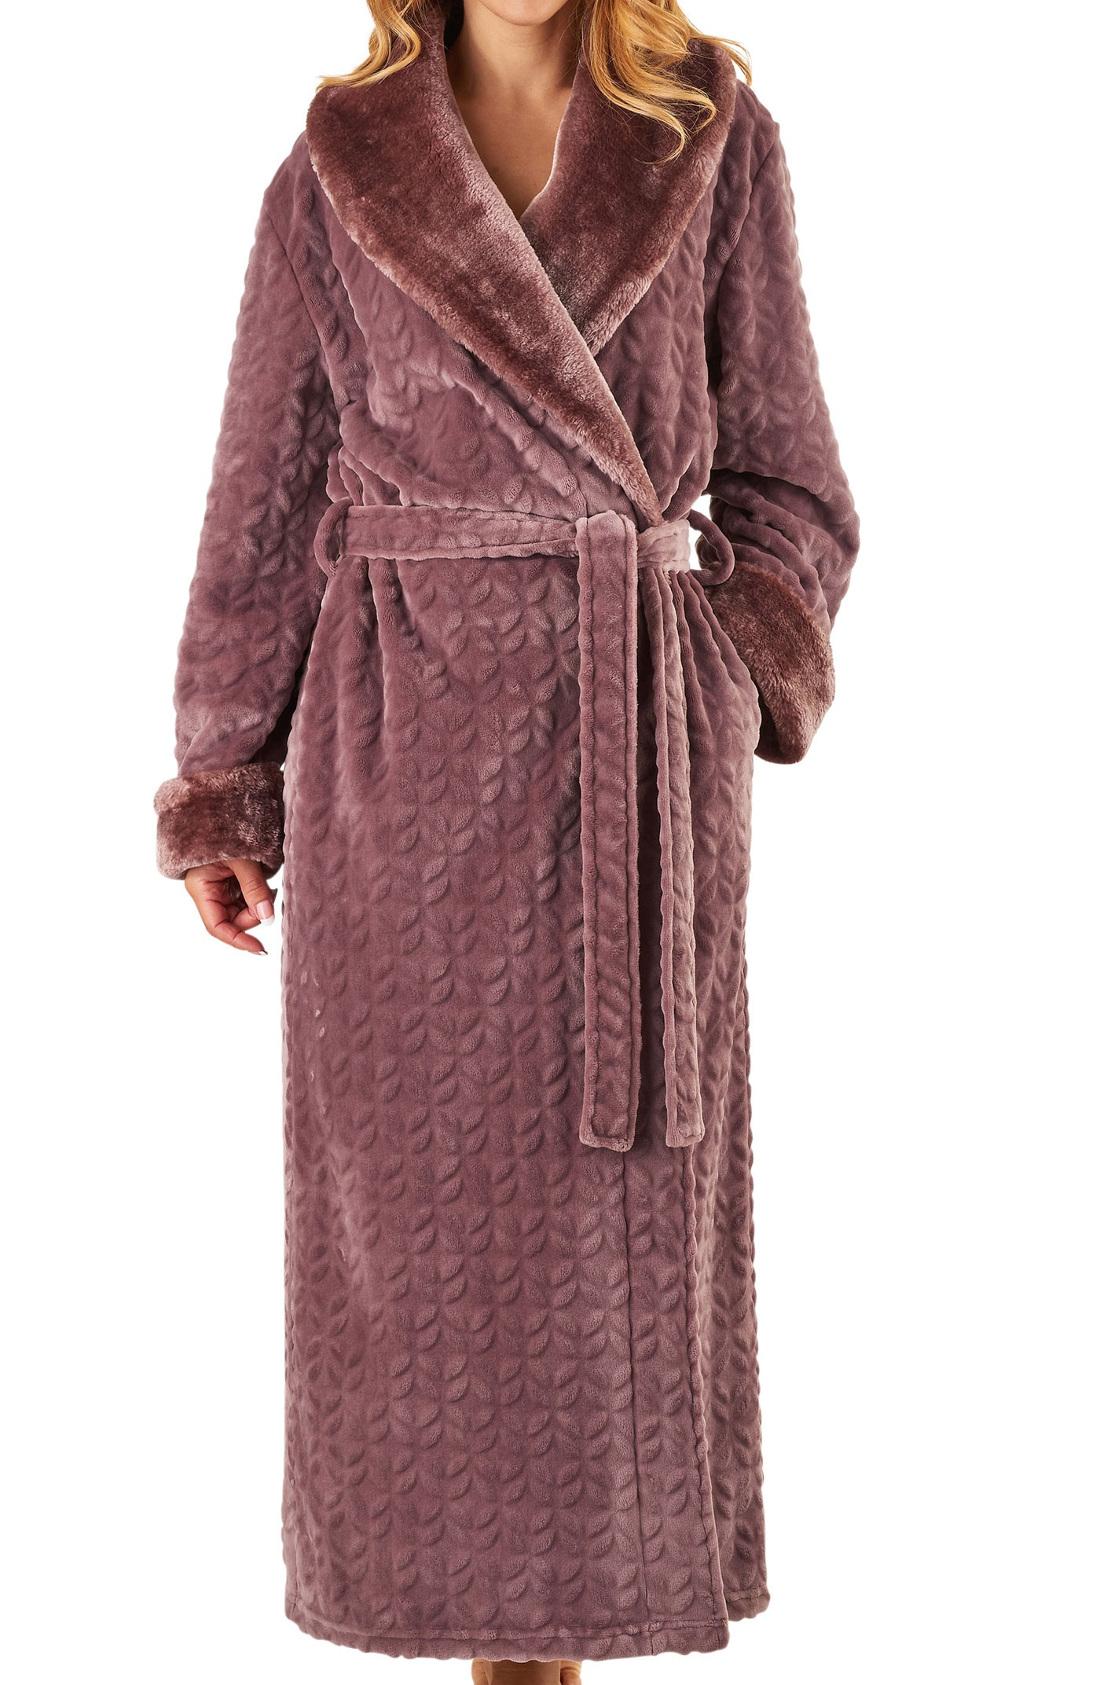 ef7e1db4fe Dressing Gown Super Soft Ladies Bathrobe Faux Fur Shawl Collar Wrap  Slenderella